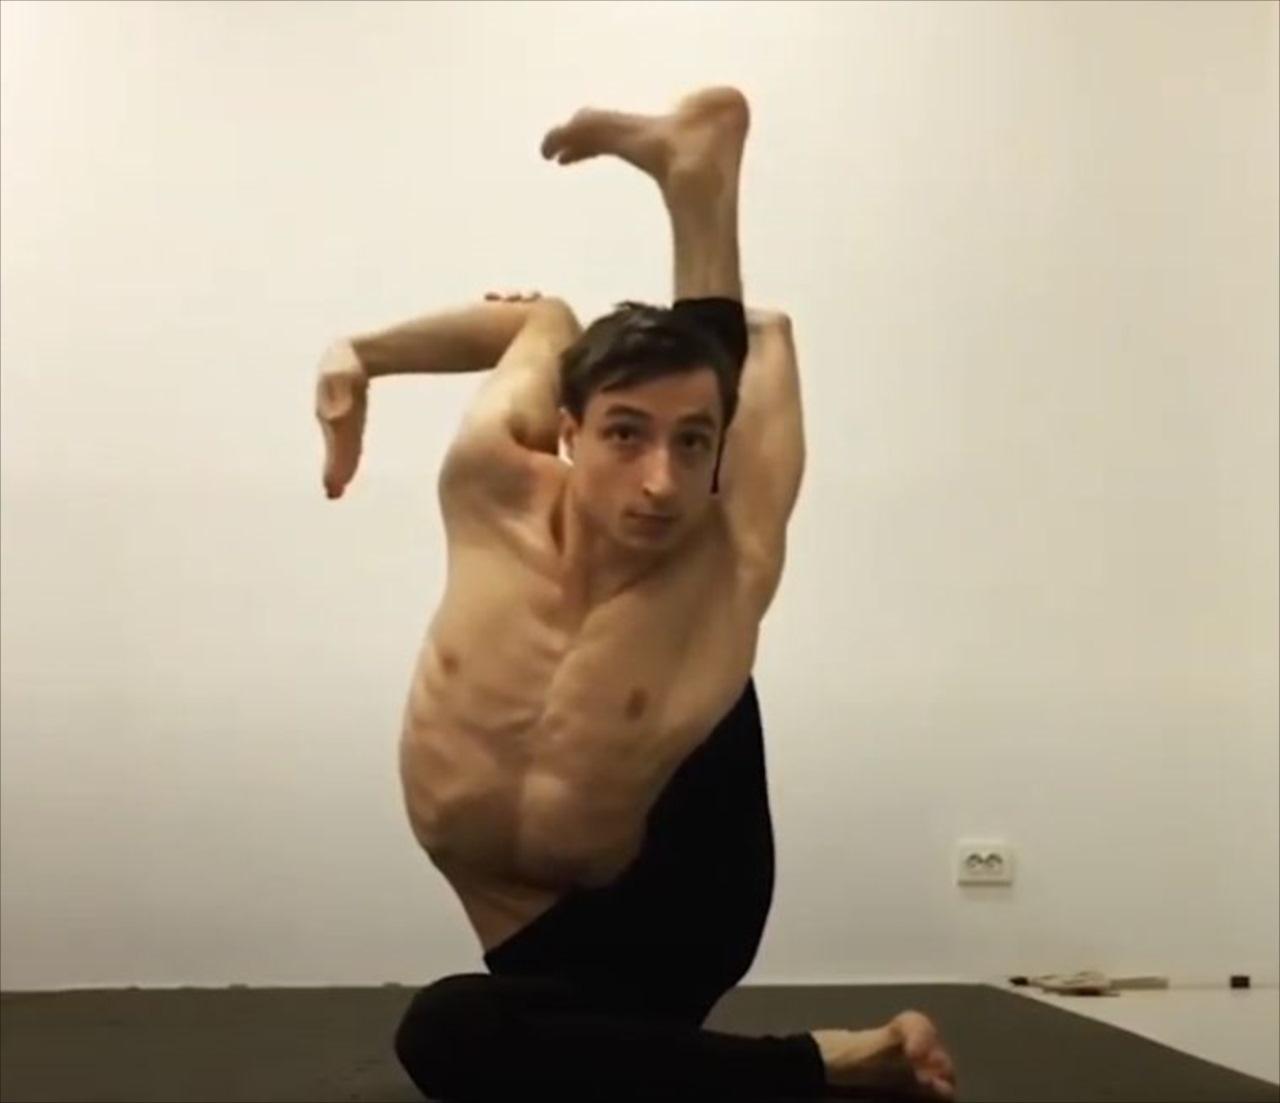 【驚愕動画】一体どうなってるんだ!?曲芸師のパフォーマンスアートがぶっ飛んでいる!